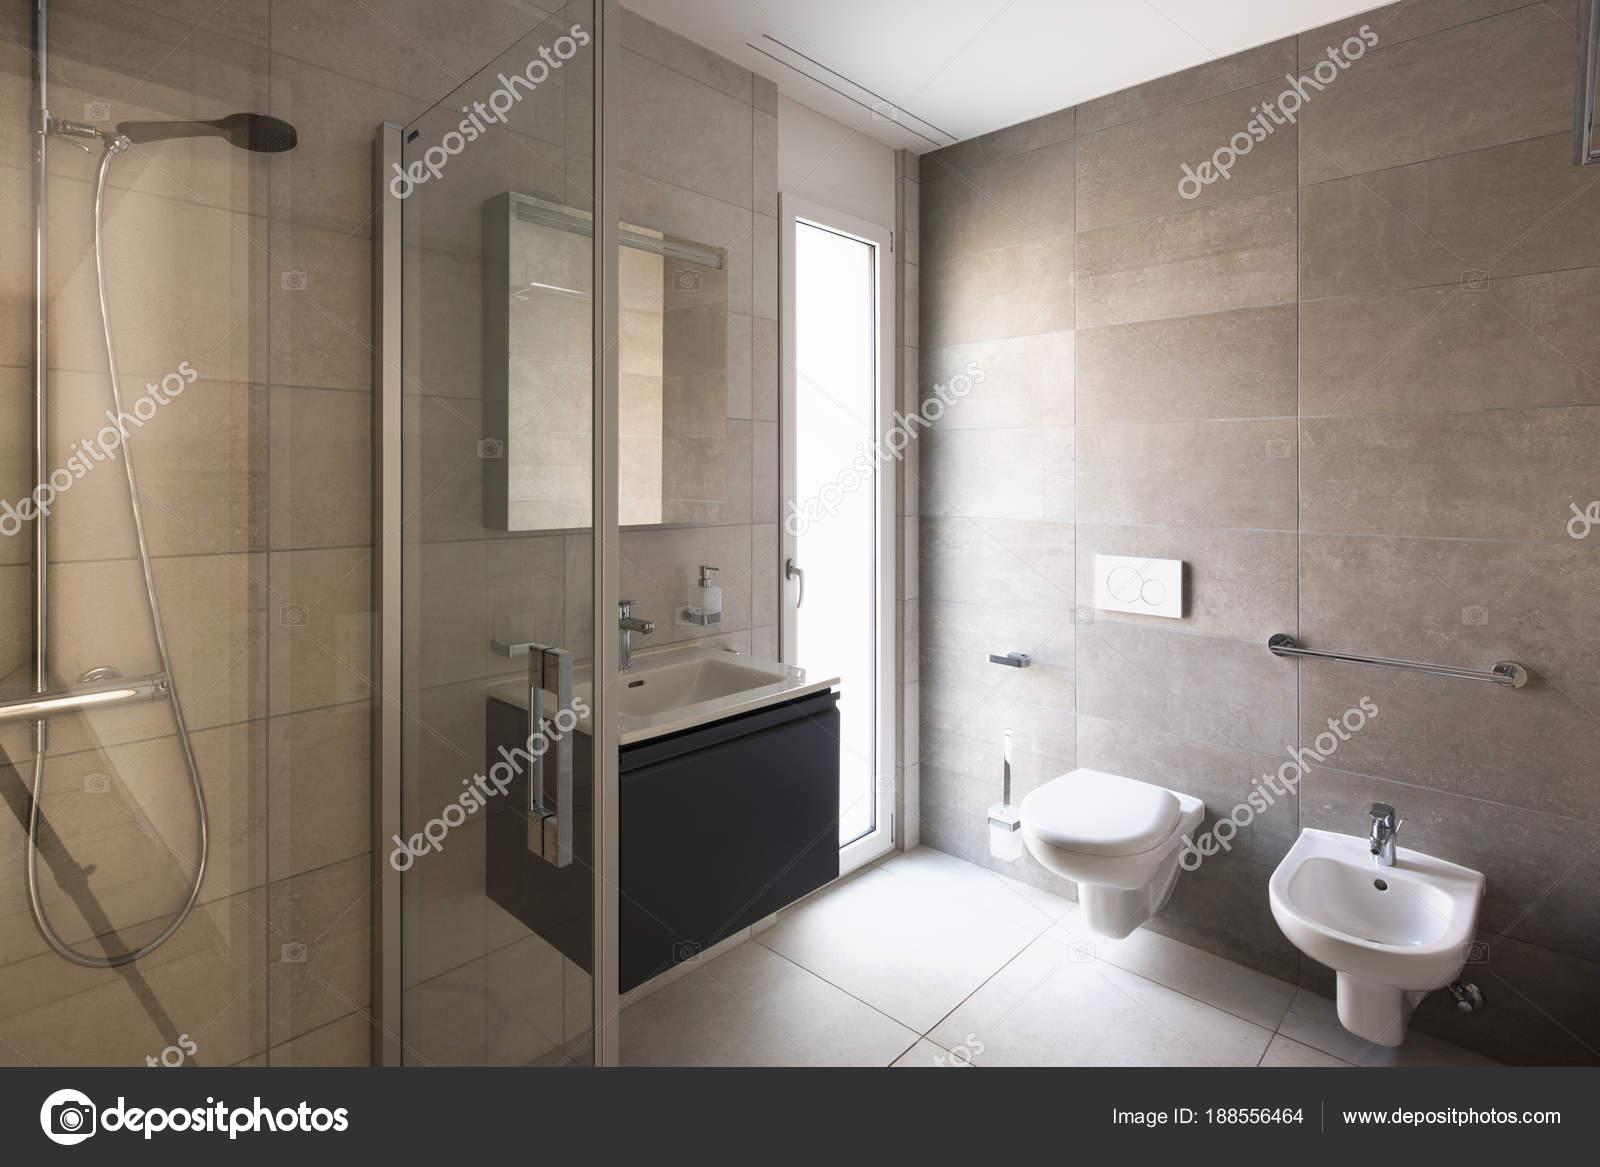 Moderno bagno con marmo in un appartamento moderno u2014 foto stock